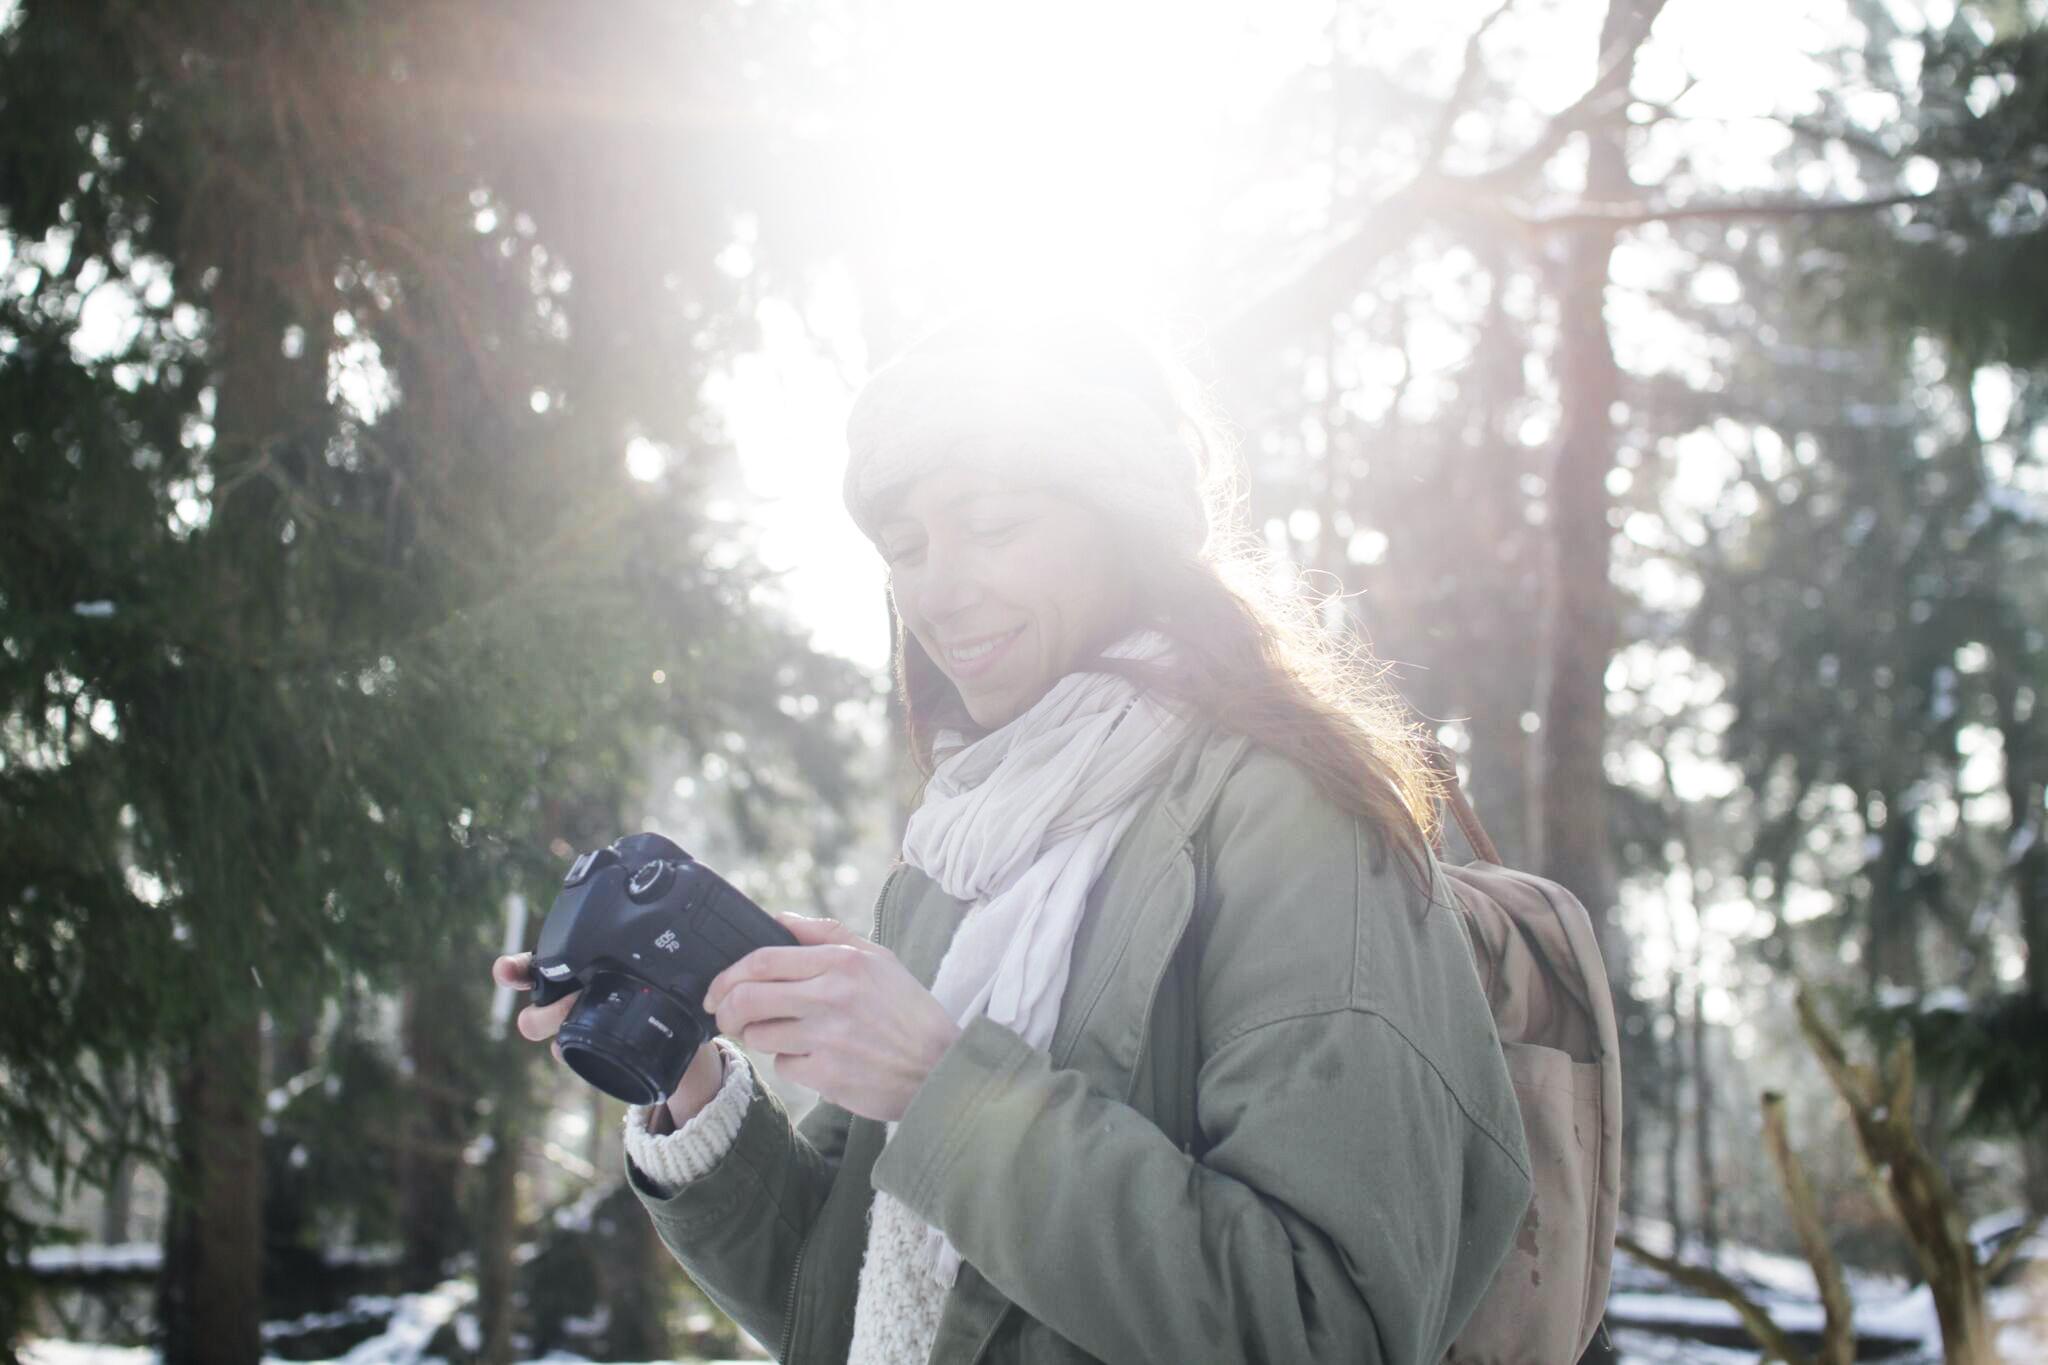 kyra de vreeze woods moederschap holistisch natuurlijk ouderschap